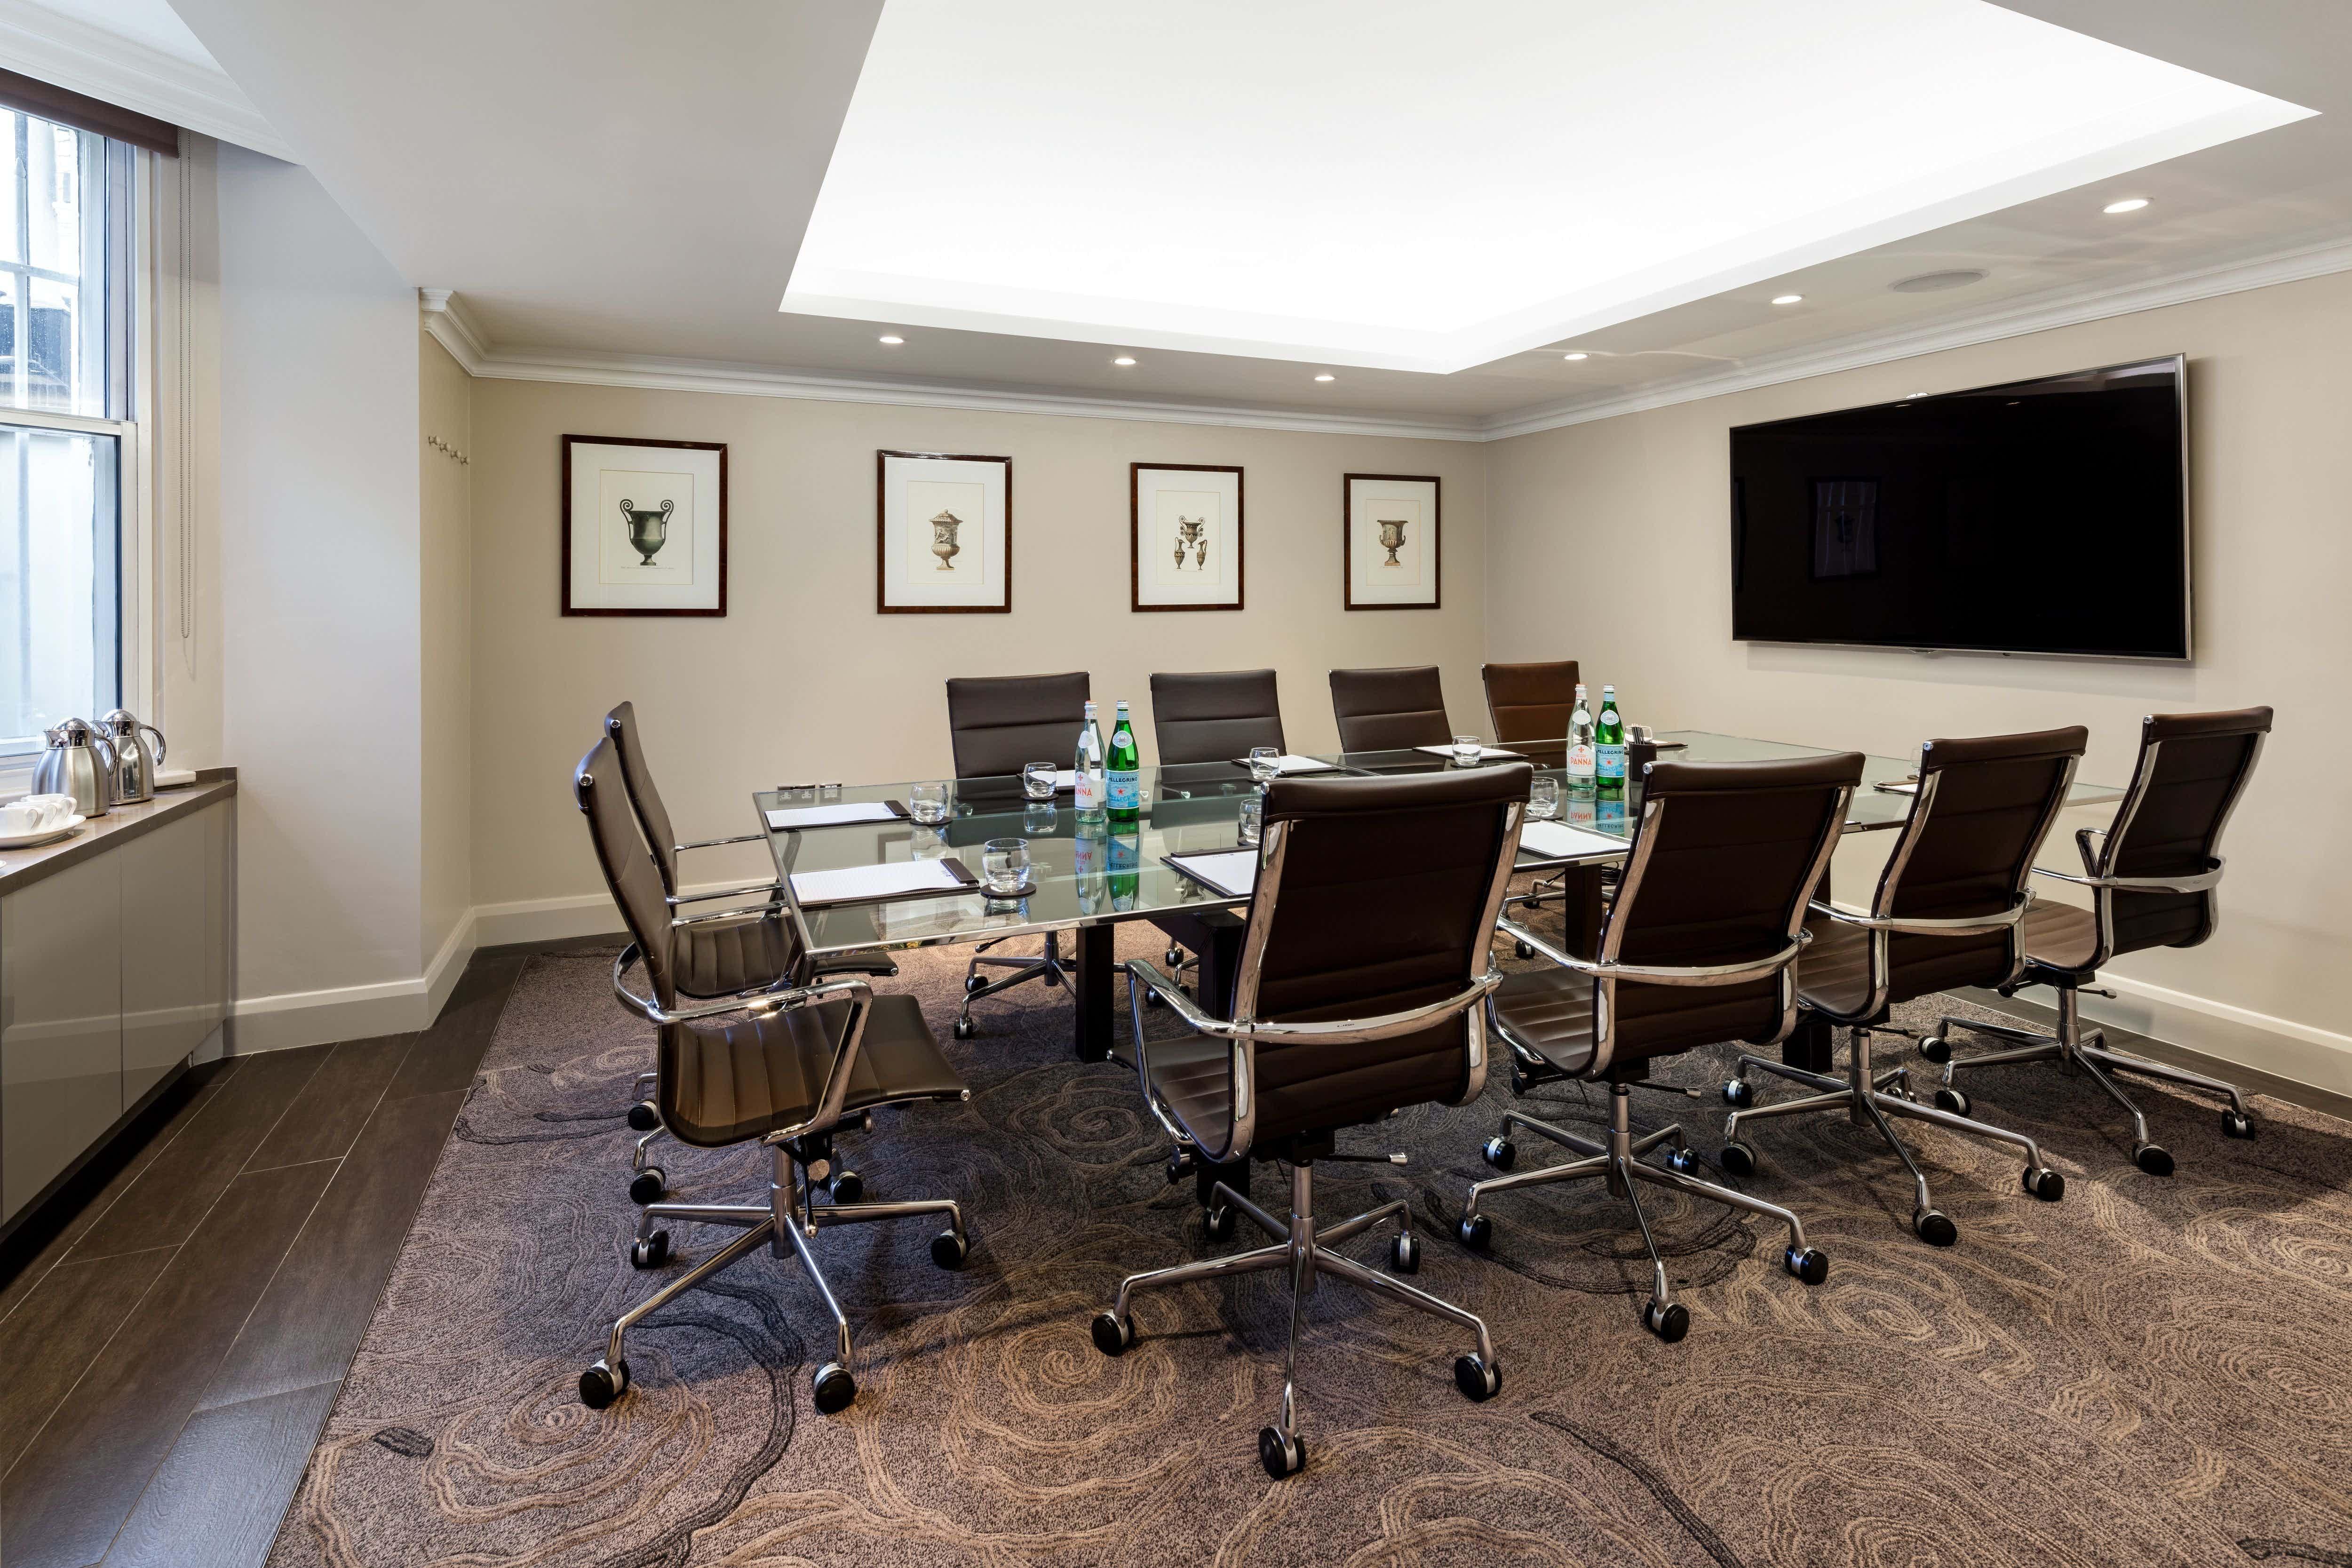 Private Room 2, Radisson Blu Edwardian, Vanderbilt